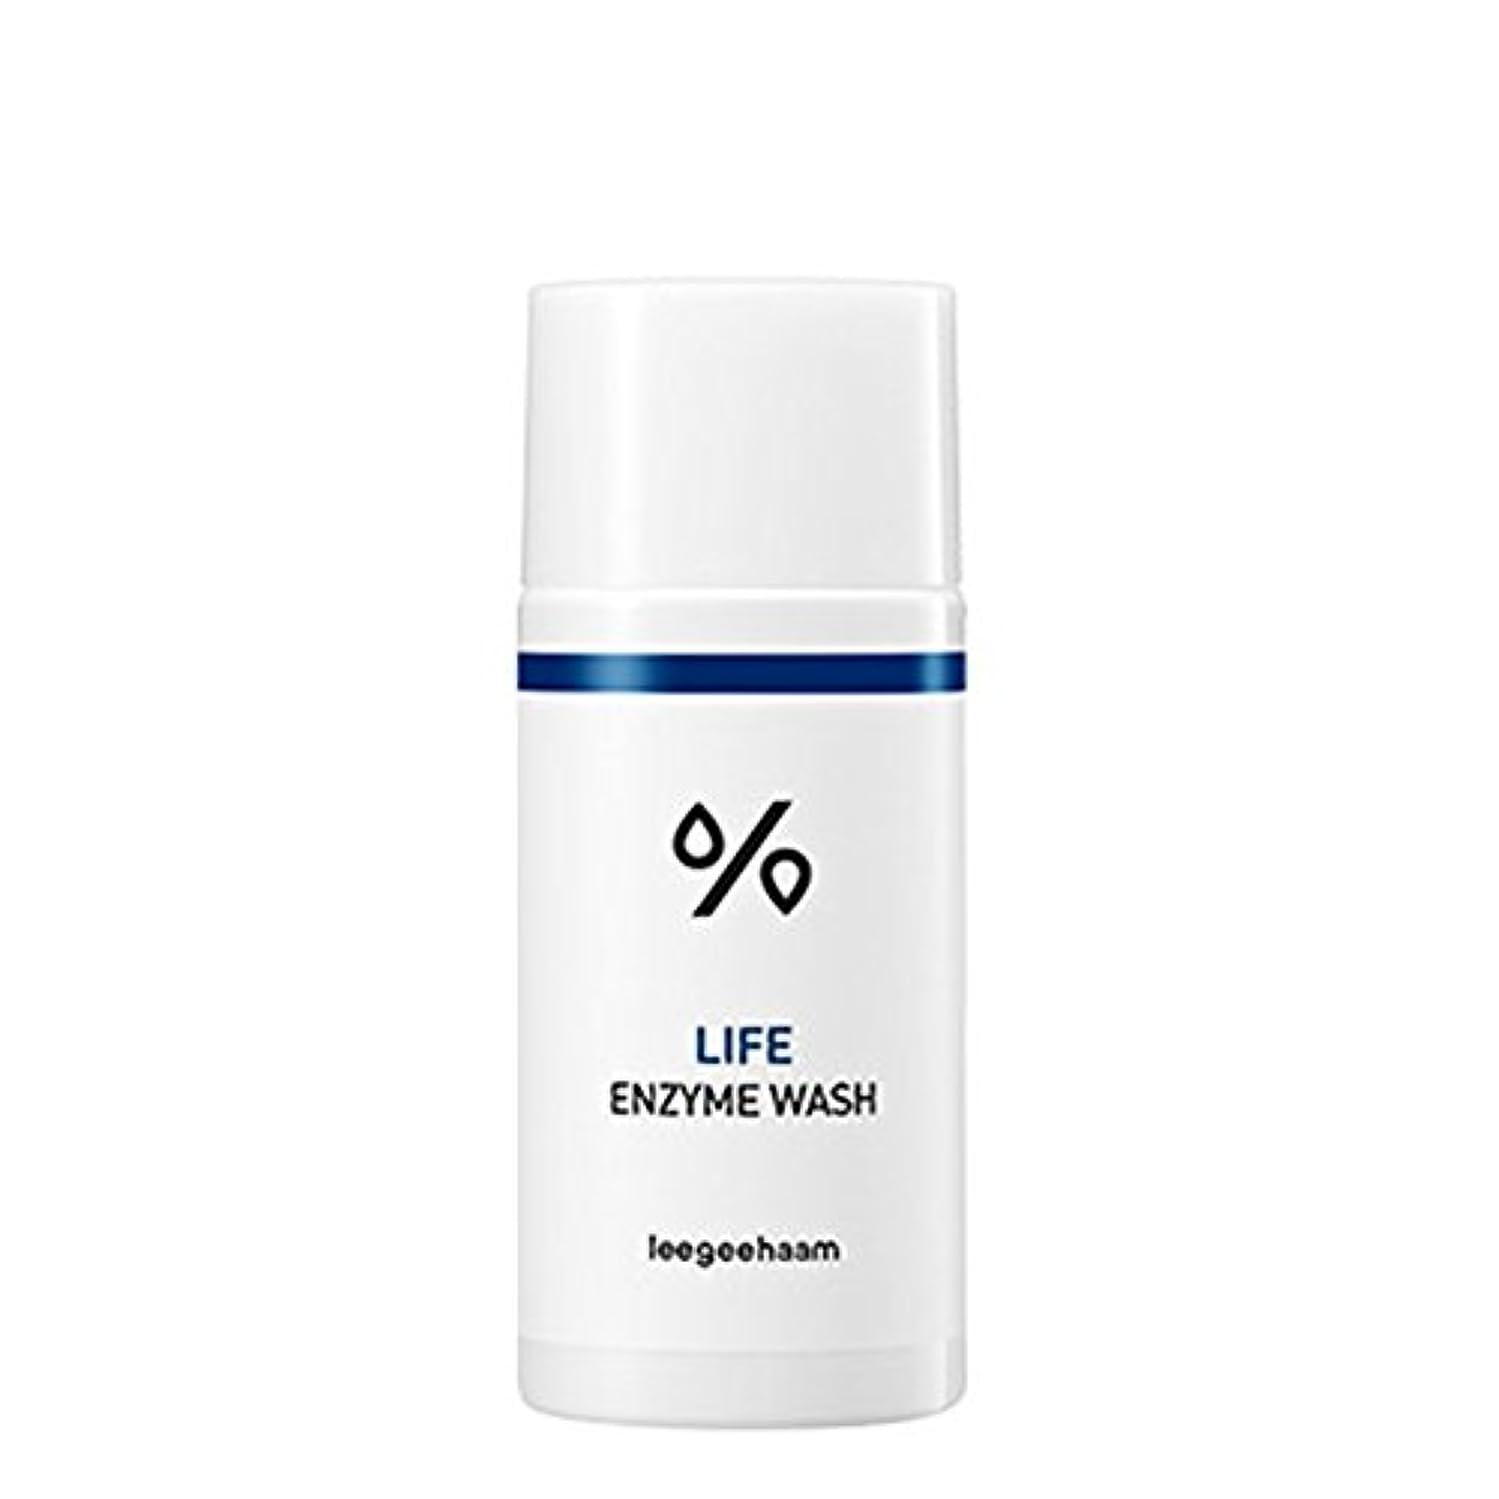 移行する競合他社選手異議(イジハム) LeeGeeHaam Life Enzyme Wash 15g (海外直送品)